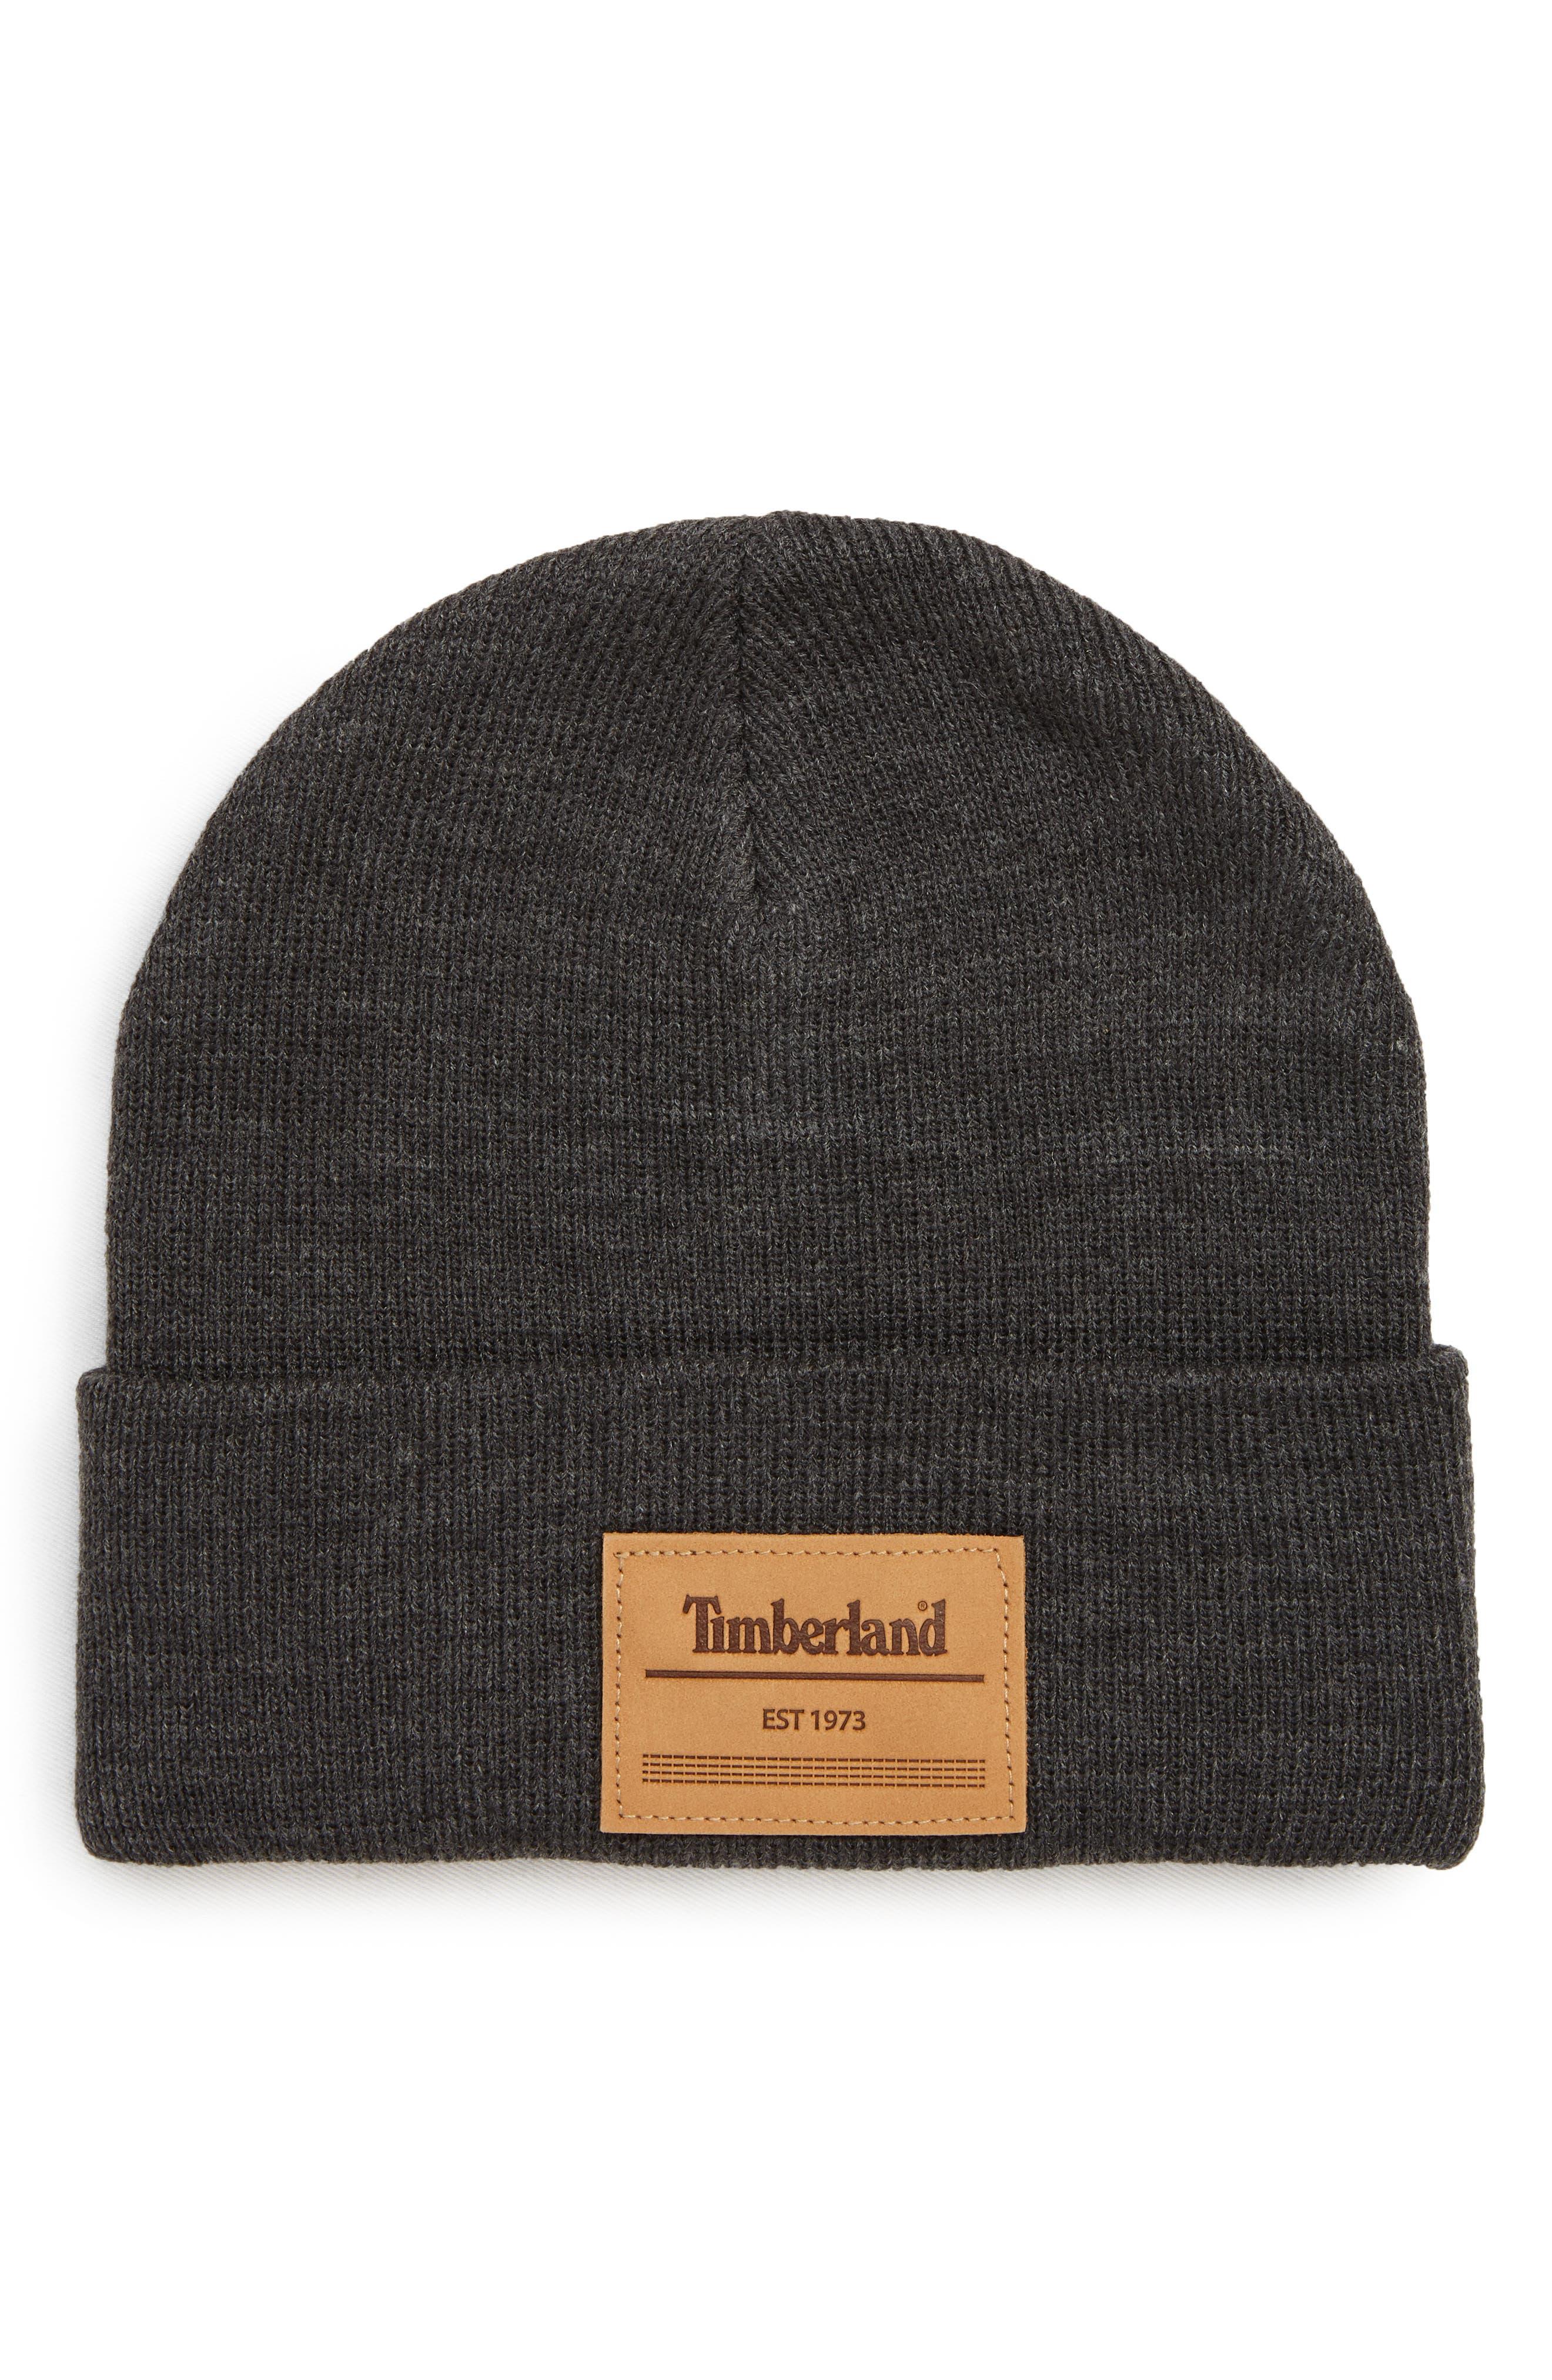 Timberland Watch Logo Patch Beanie - Grey